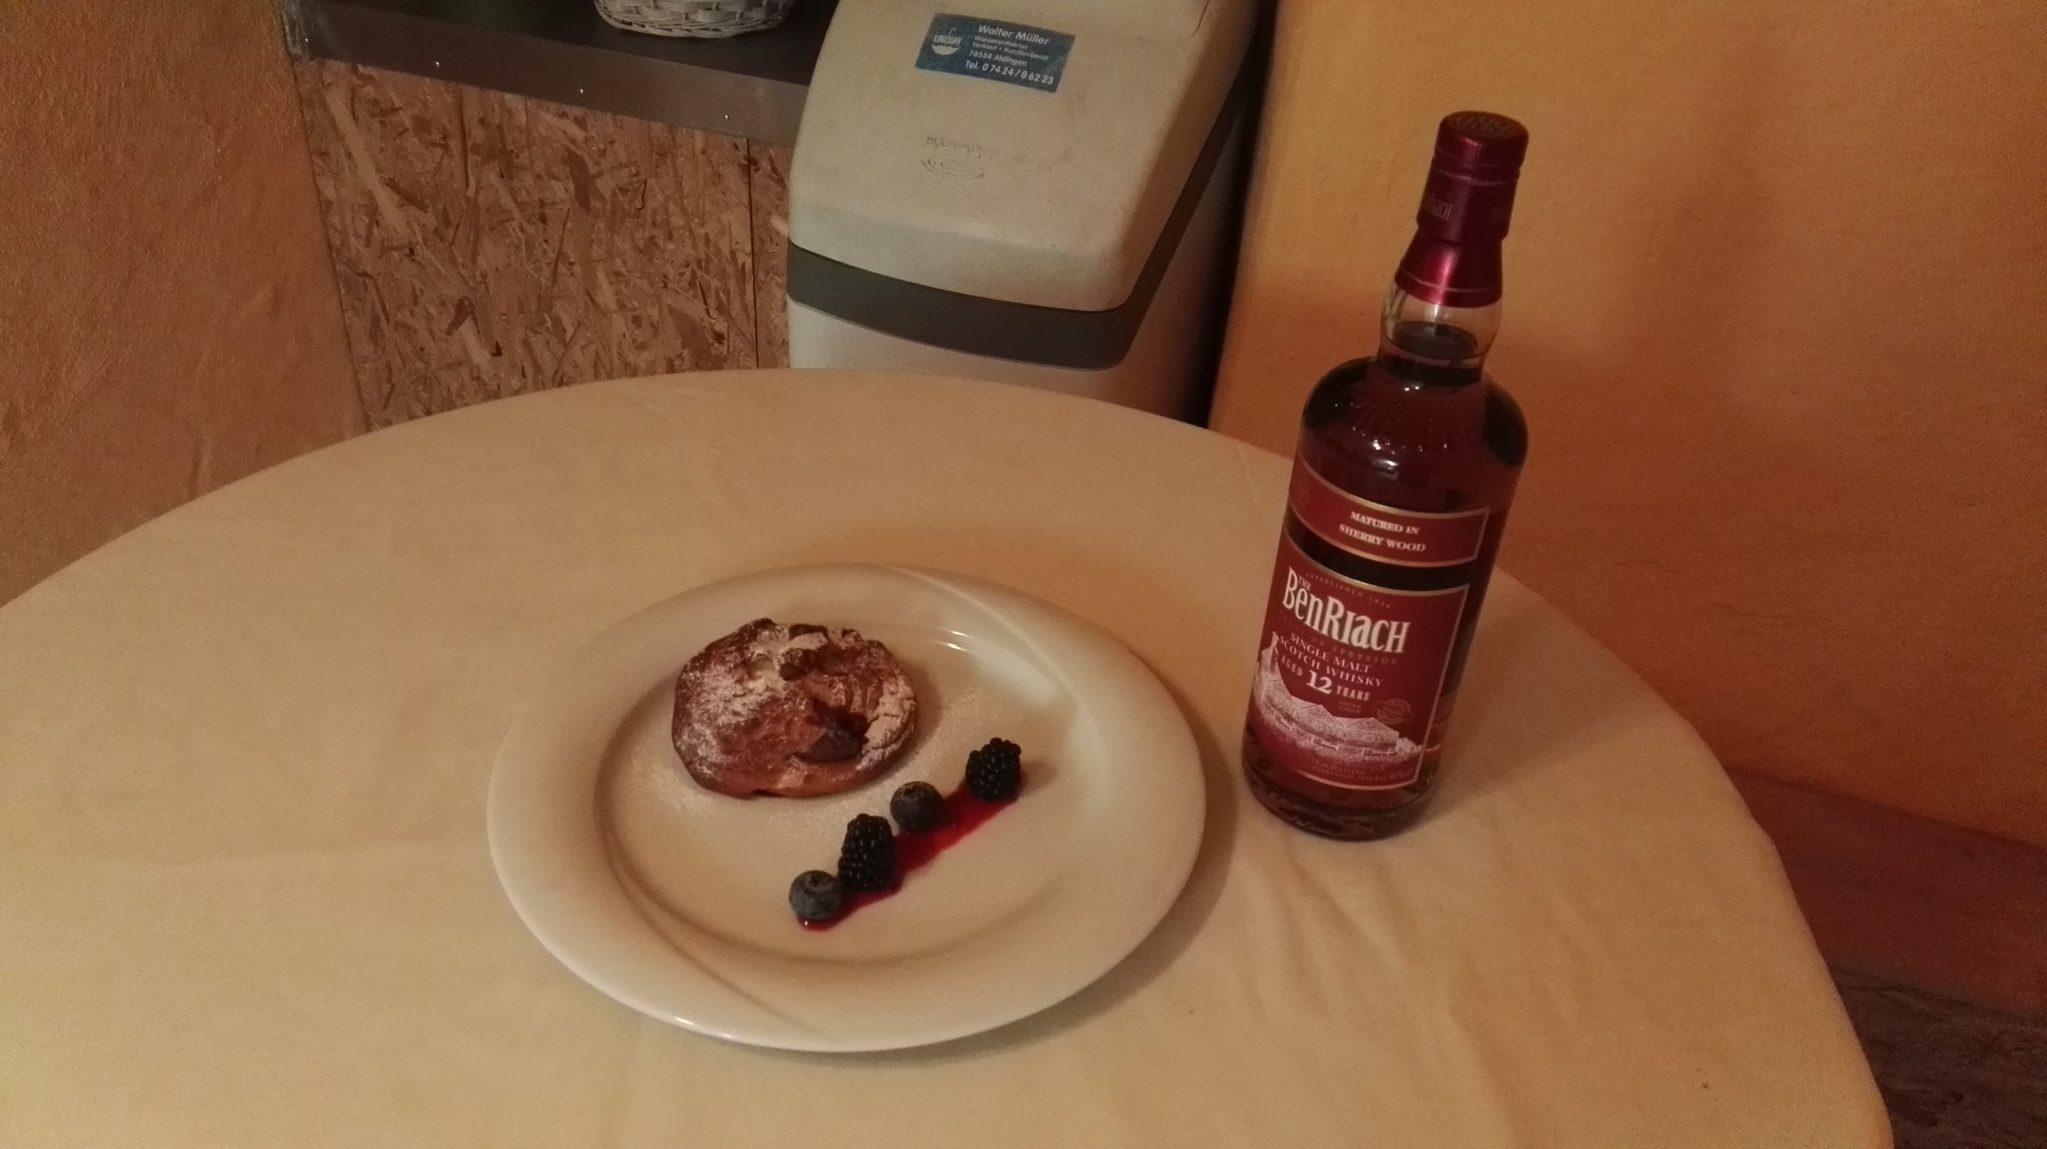 Der BenRiach 12 Sherry Wood in Flasche und Dessert